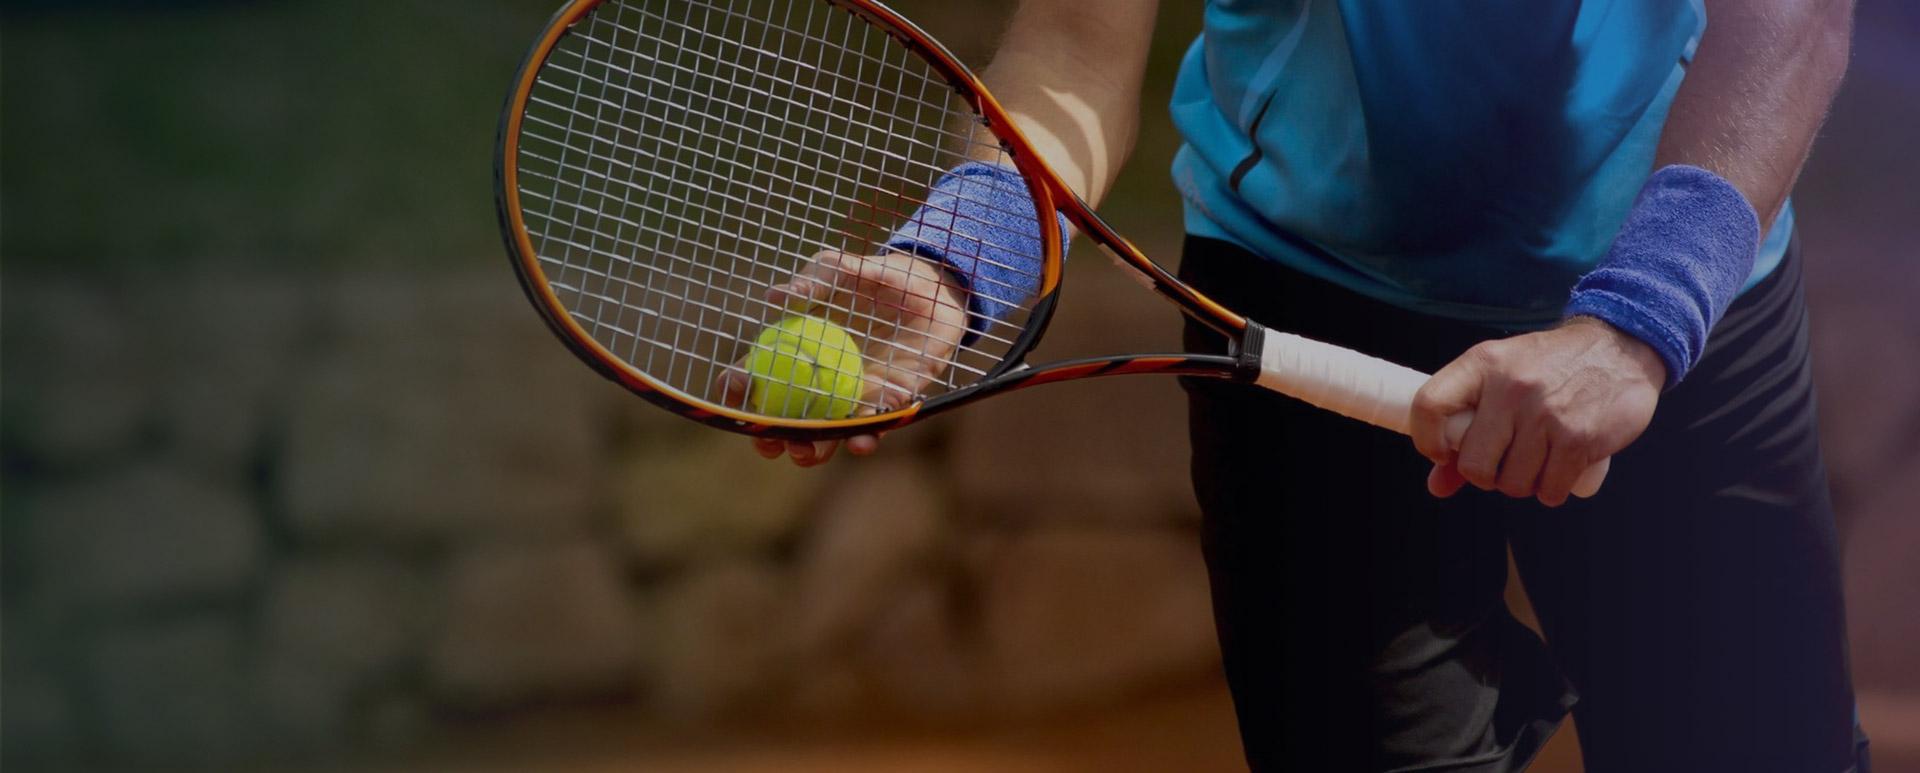 racchetta-da-tennis-come-sceglierla